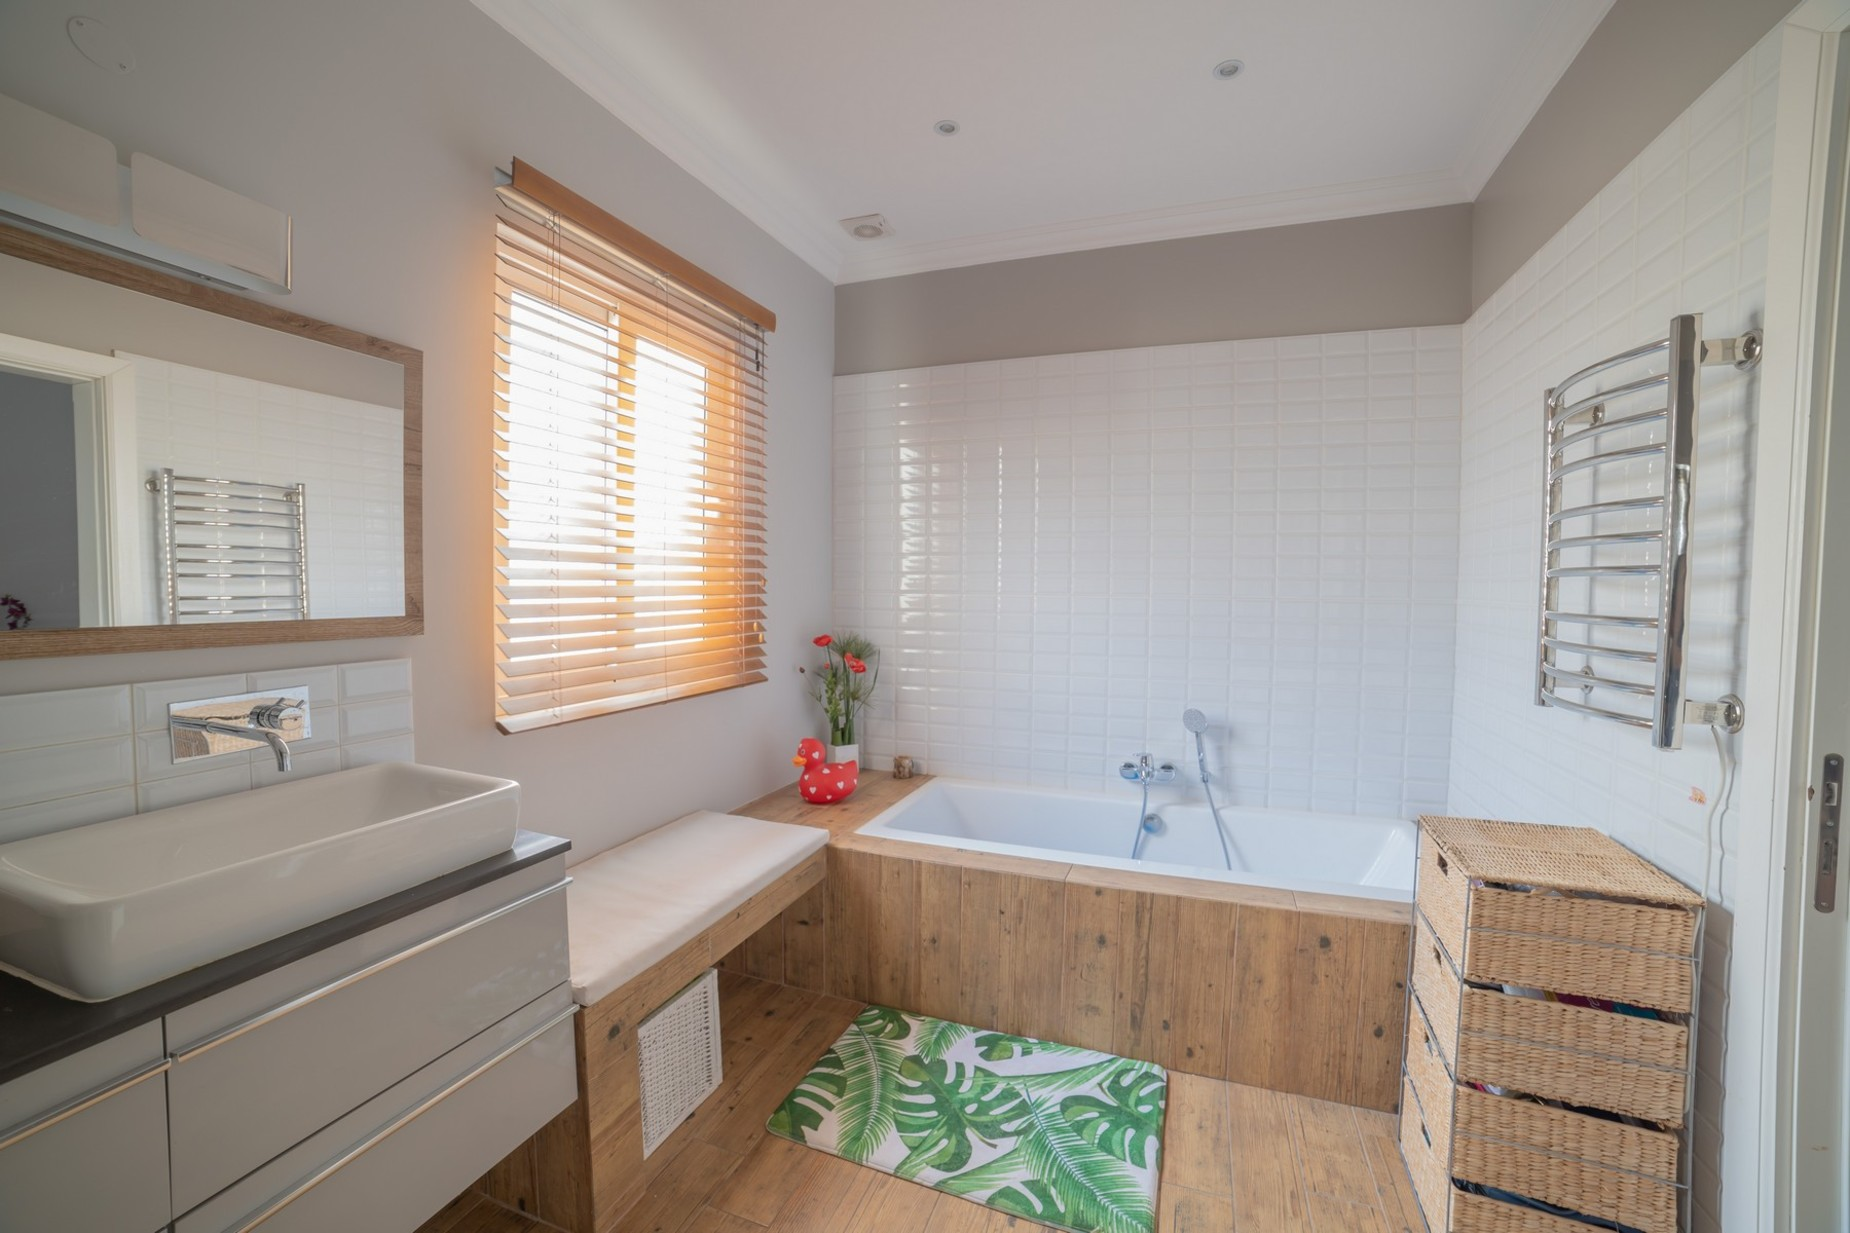 4 bed Apartment For Sale in Ta' Xbiex, Ta' Xbiex - thumb 12